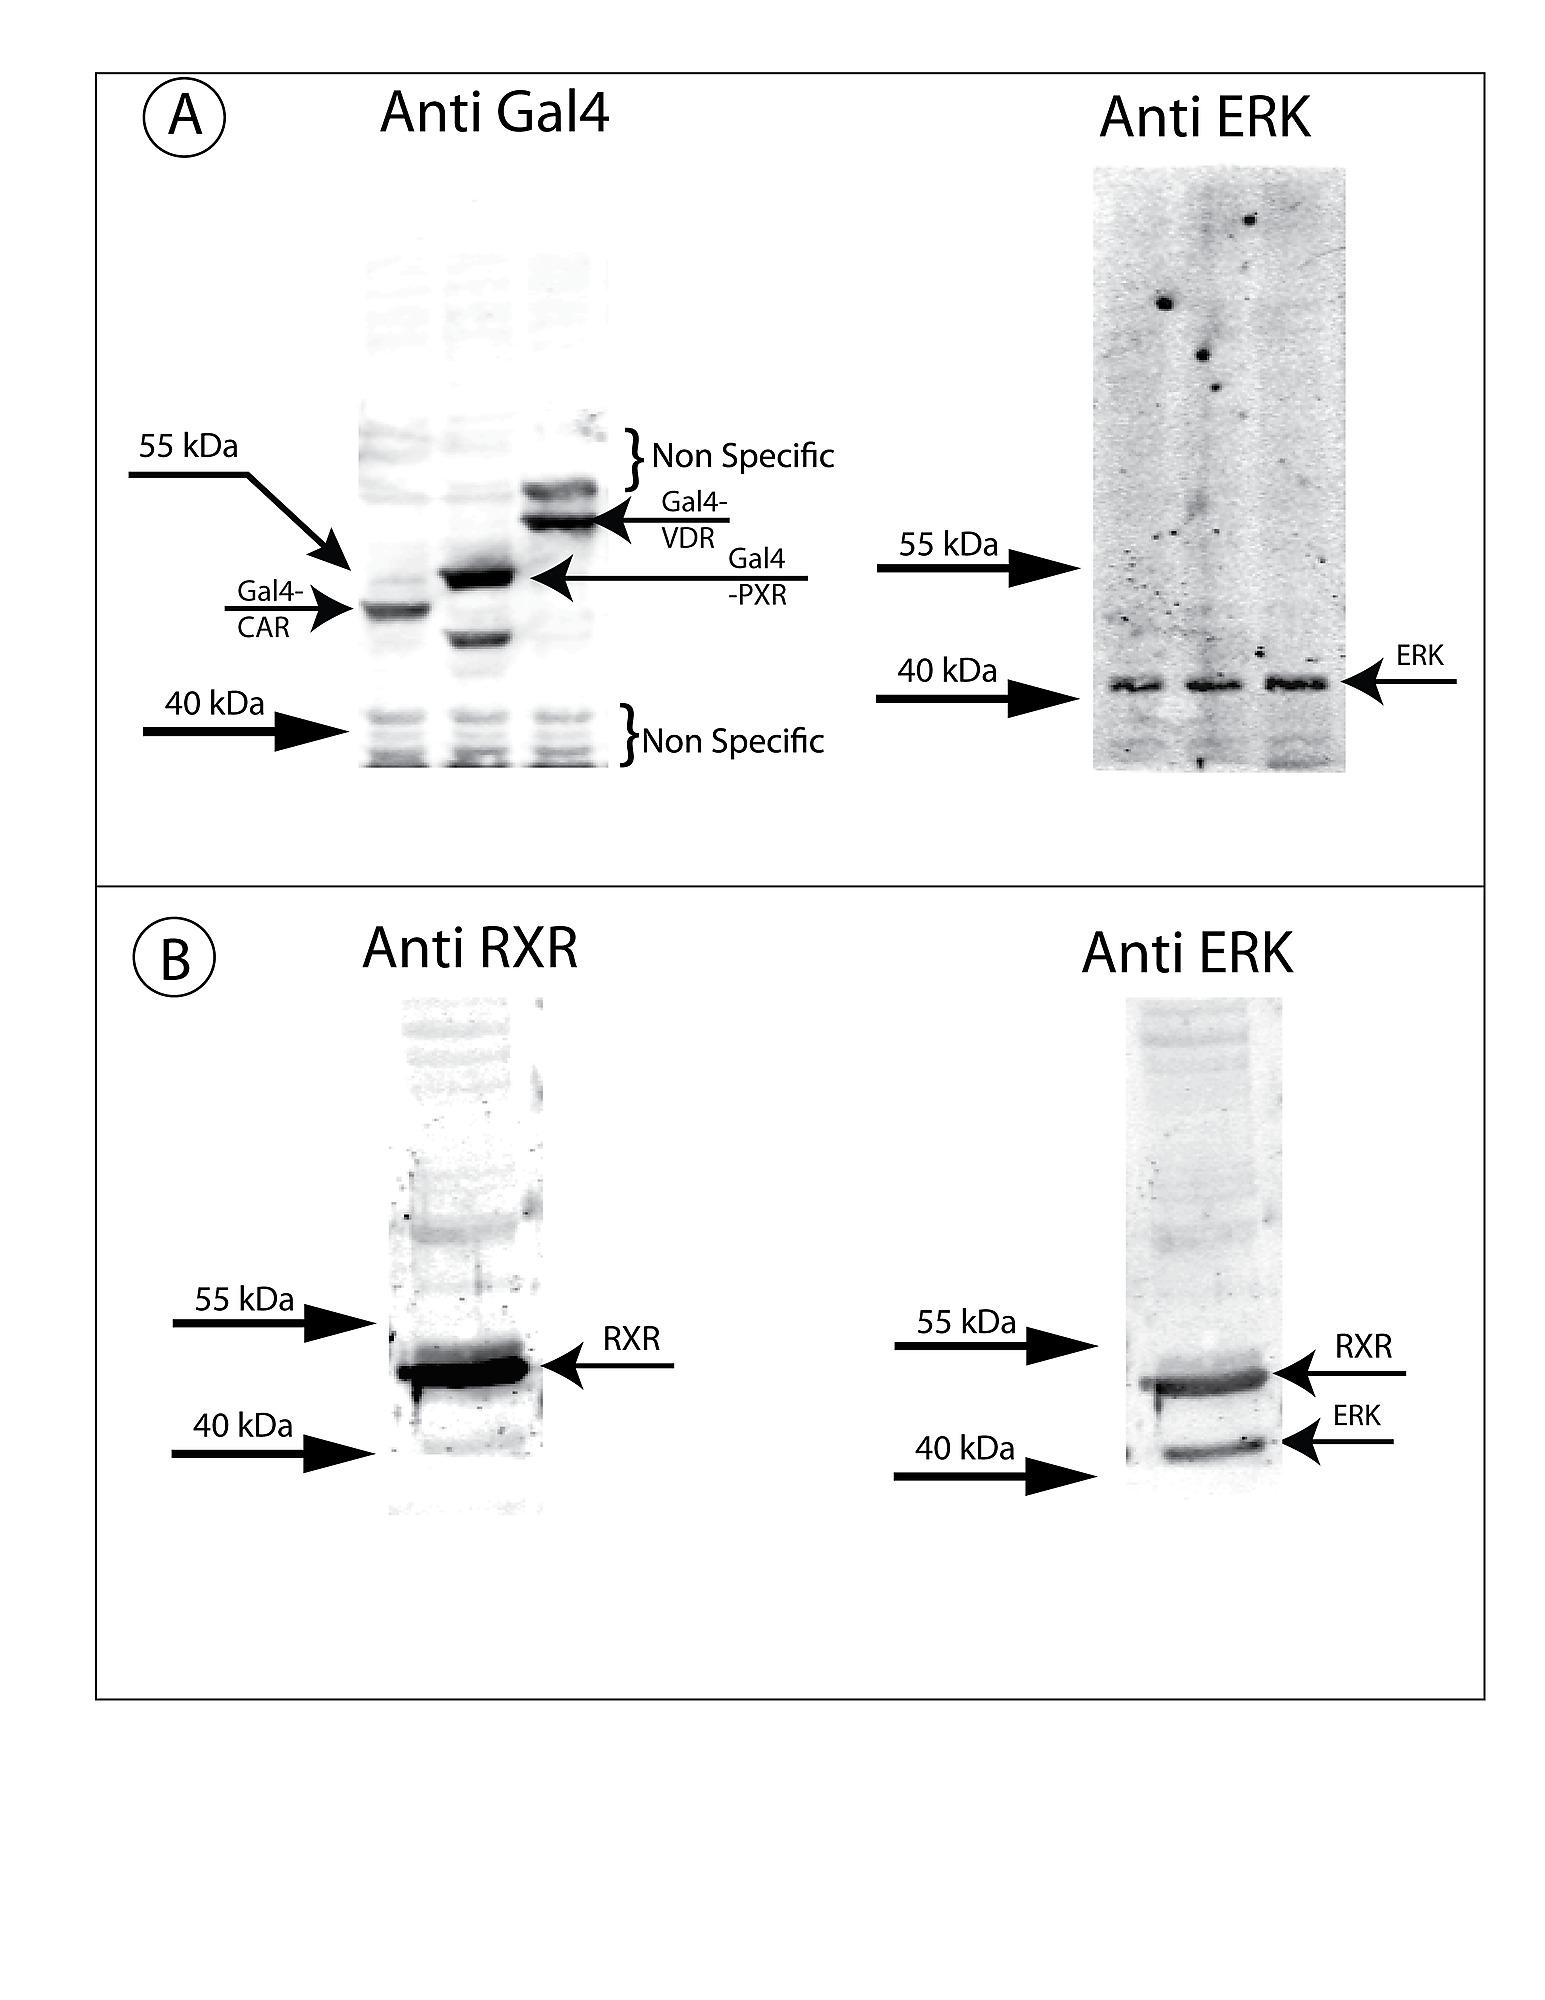 Pure garcinia cambogia extract et cleanse catalyst plus picture 2